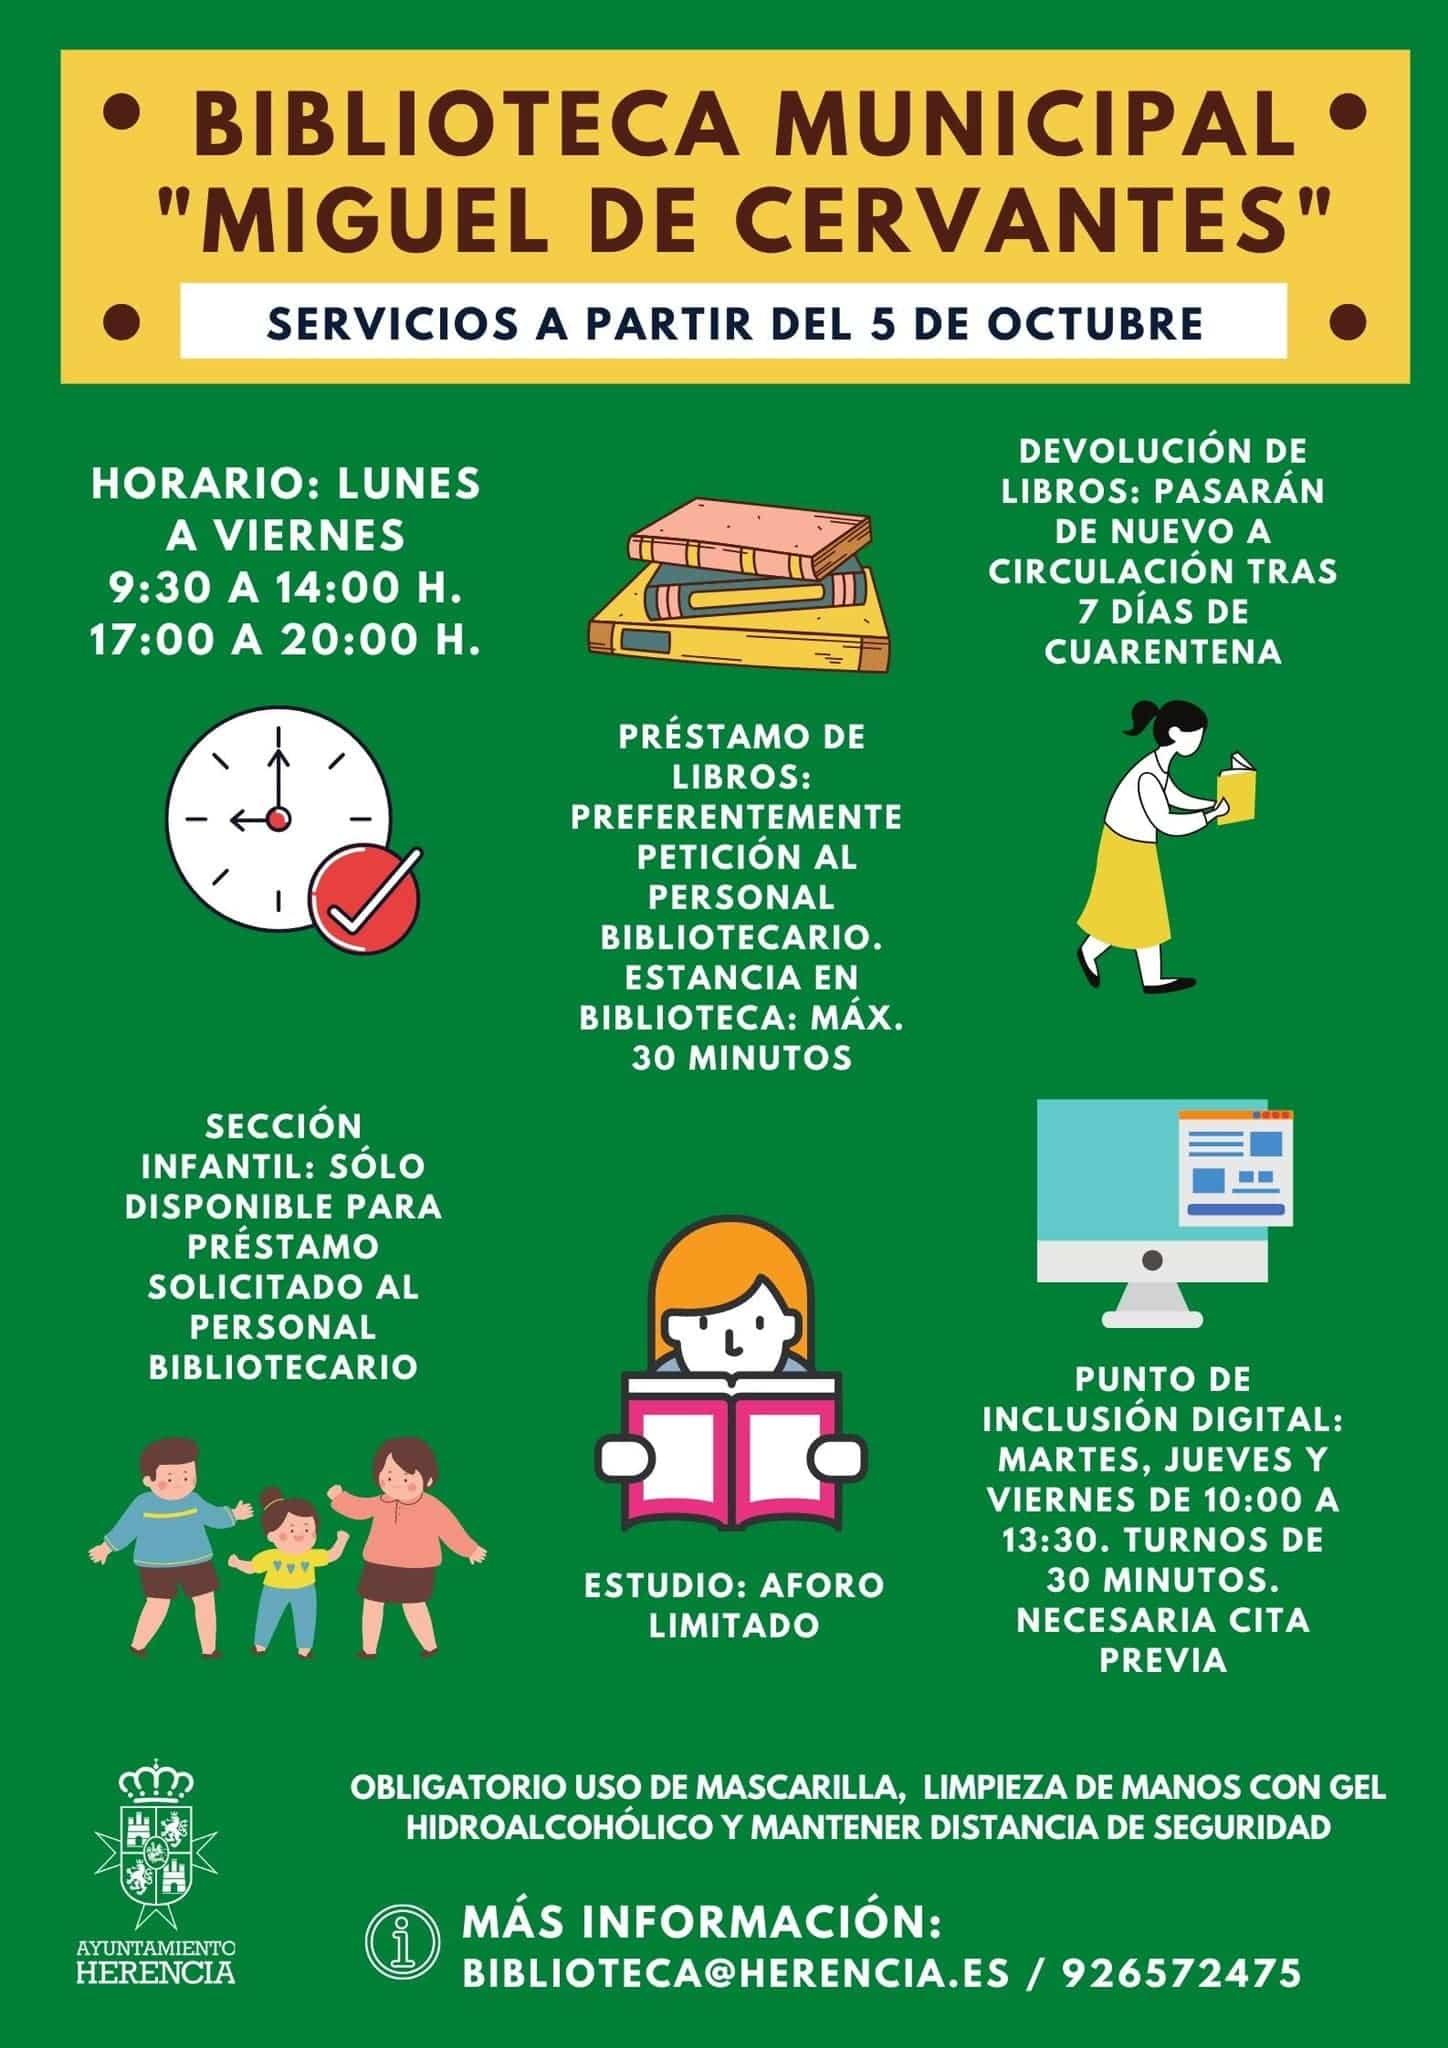 """La Biblioteca Municipal """"Miguel Cervantes"""" vuelve abrir después de las medidas especiales 3"""